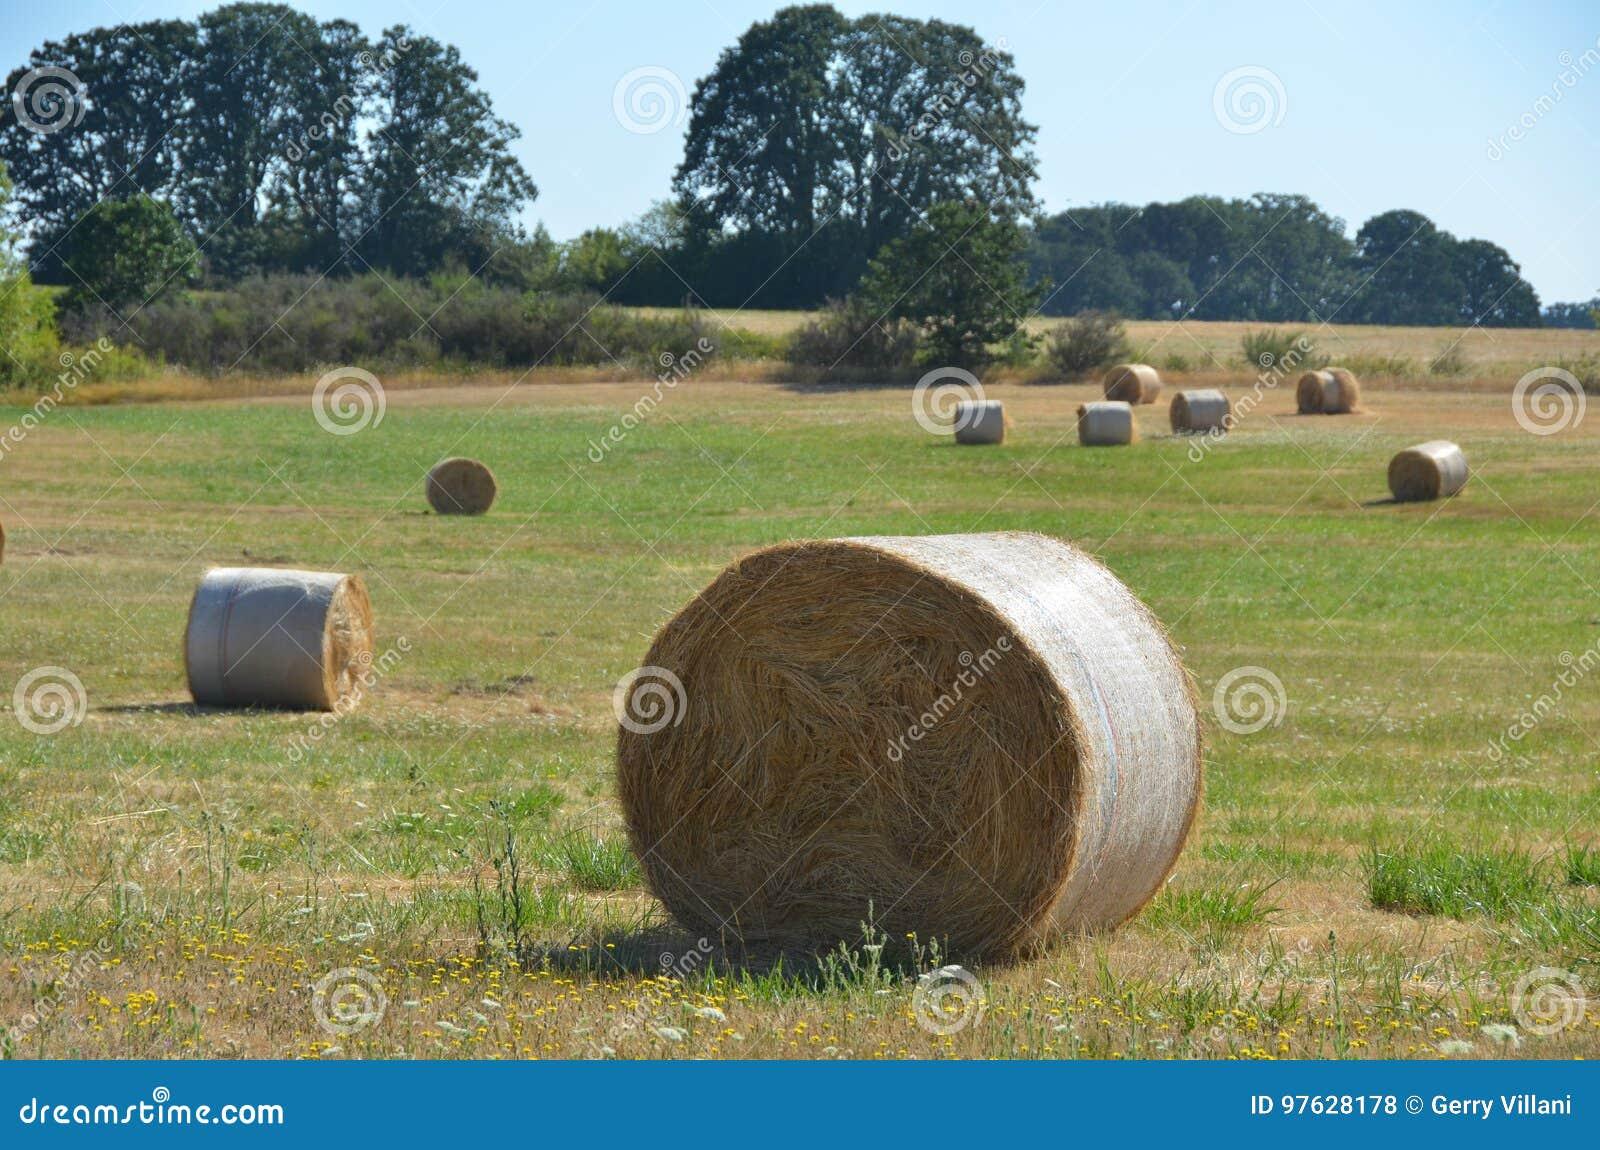 Rolls of Hay, Willamette Valley, Oregon